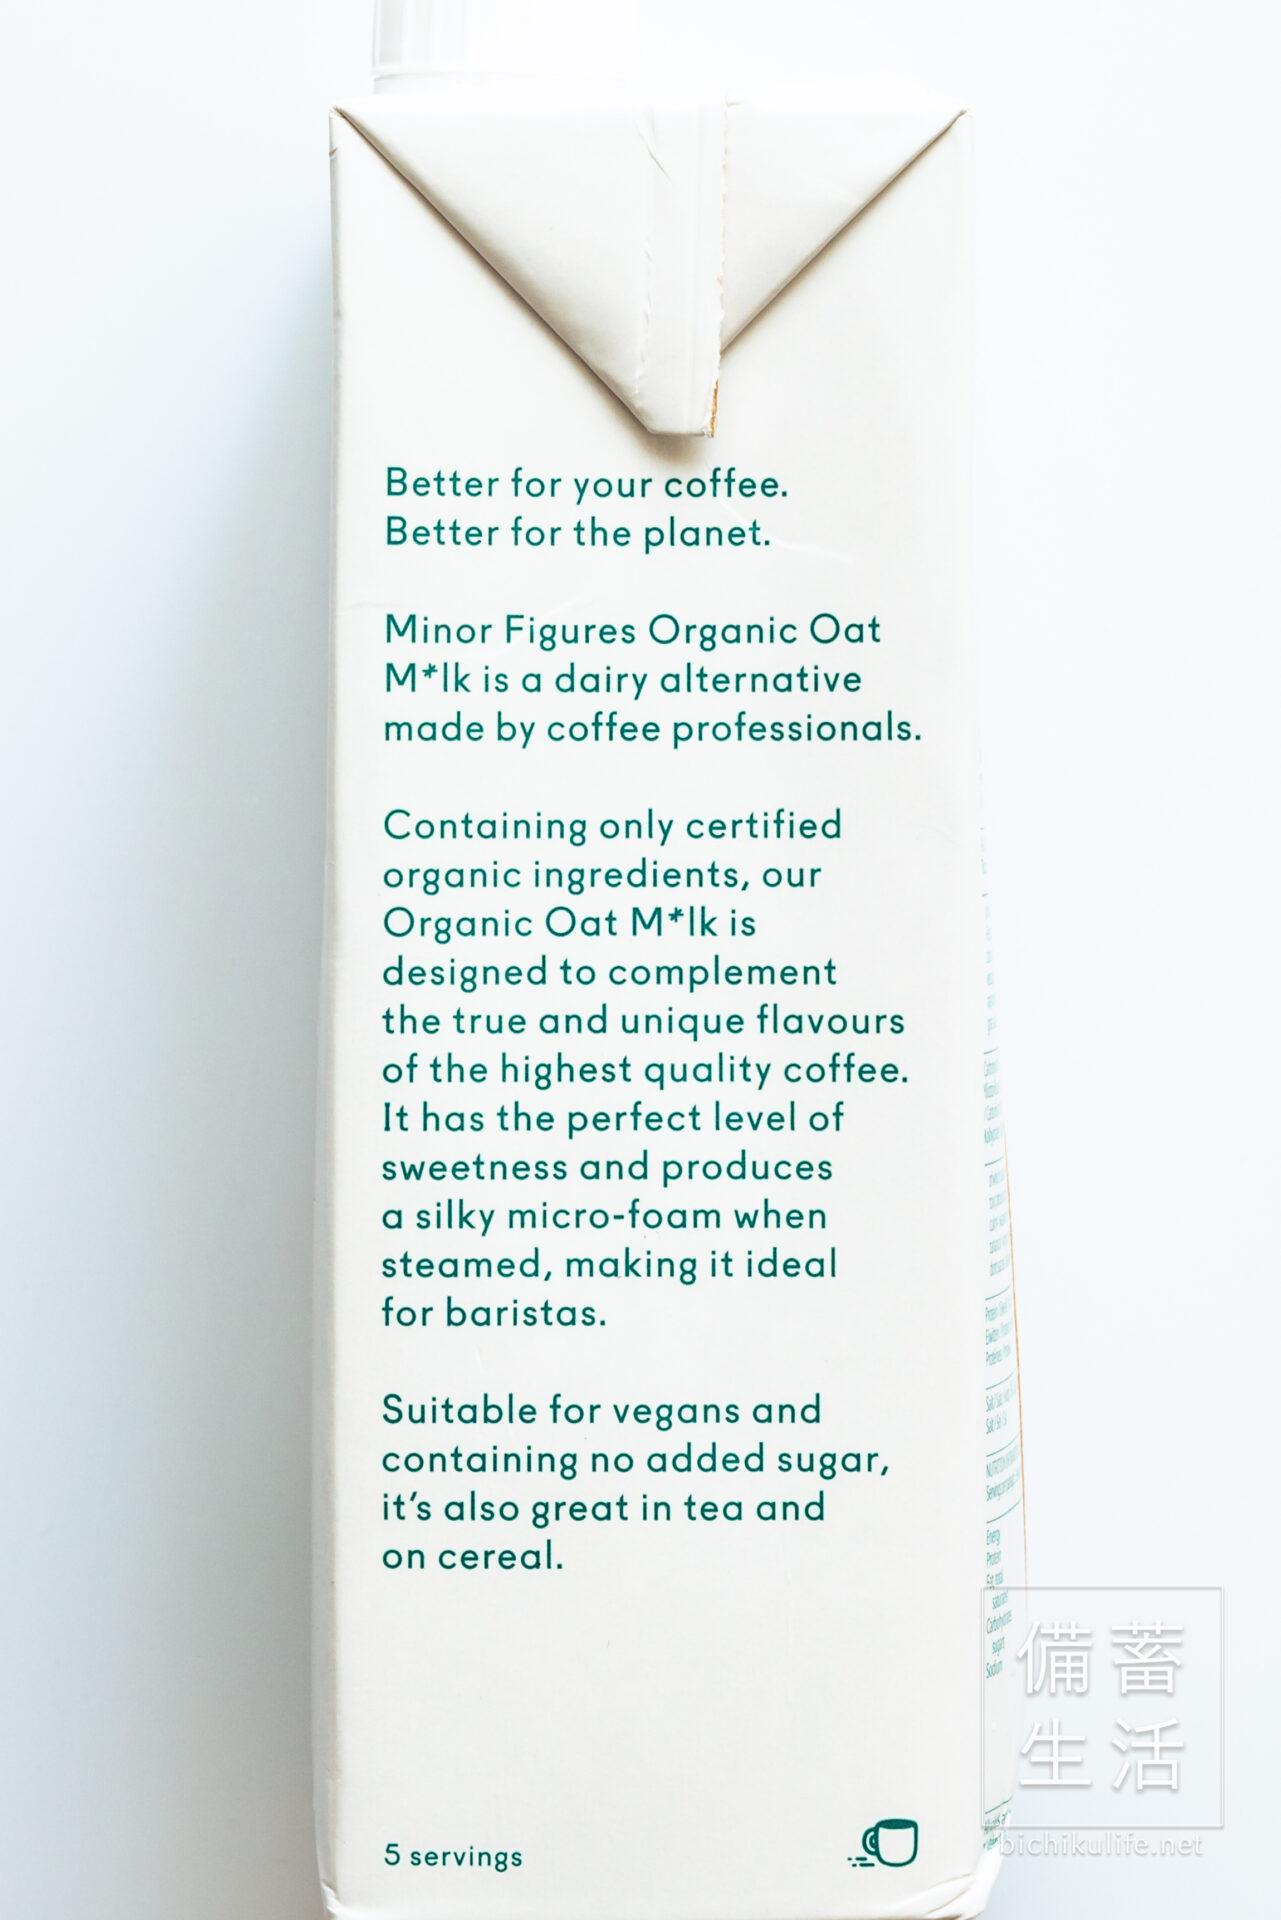 マイナーフィギュアズ 有機オーツミルク Minor Figures Organic Oat Milk